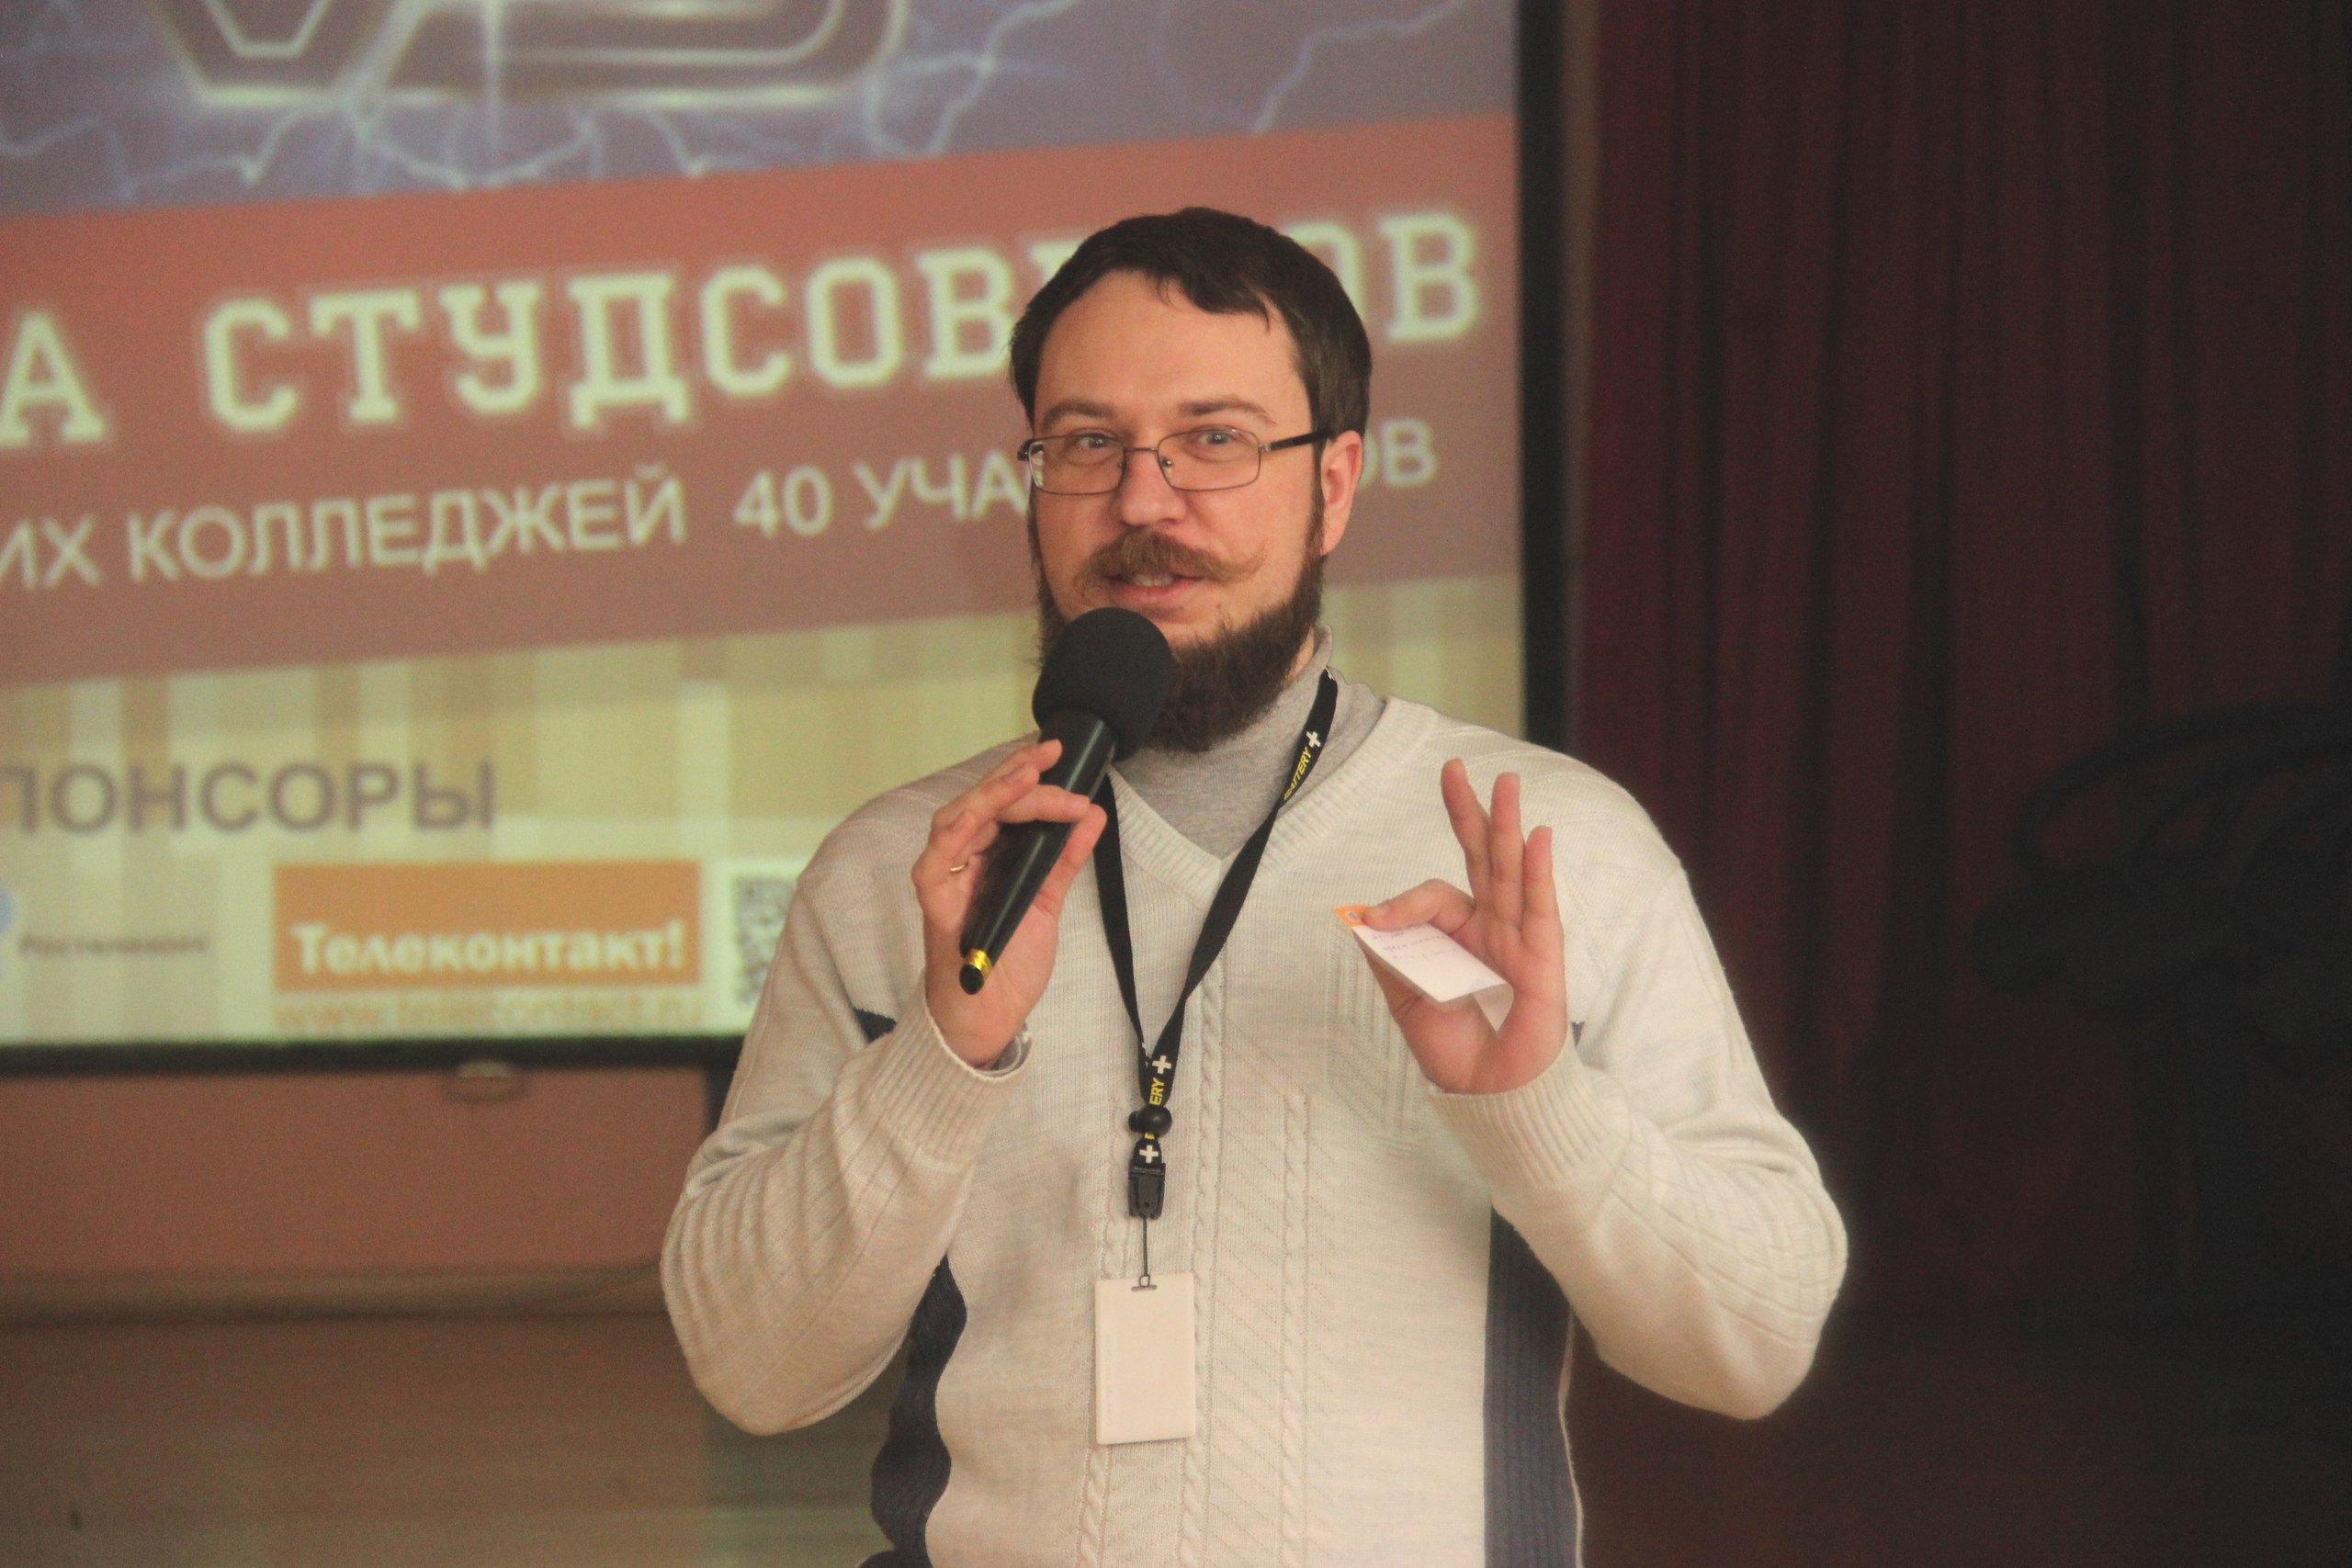 Юрий Зайцев: Смещение акцента на социально значимые закупки – правильное решение